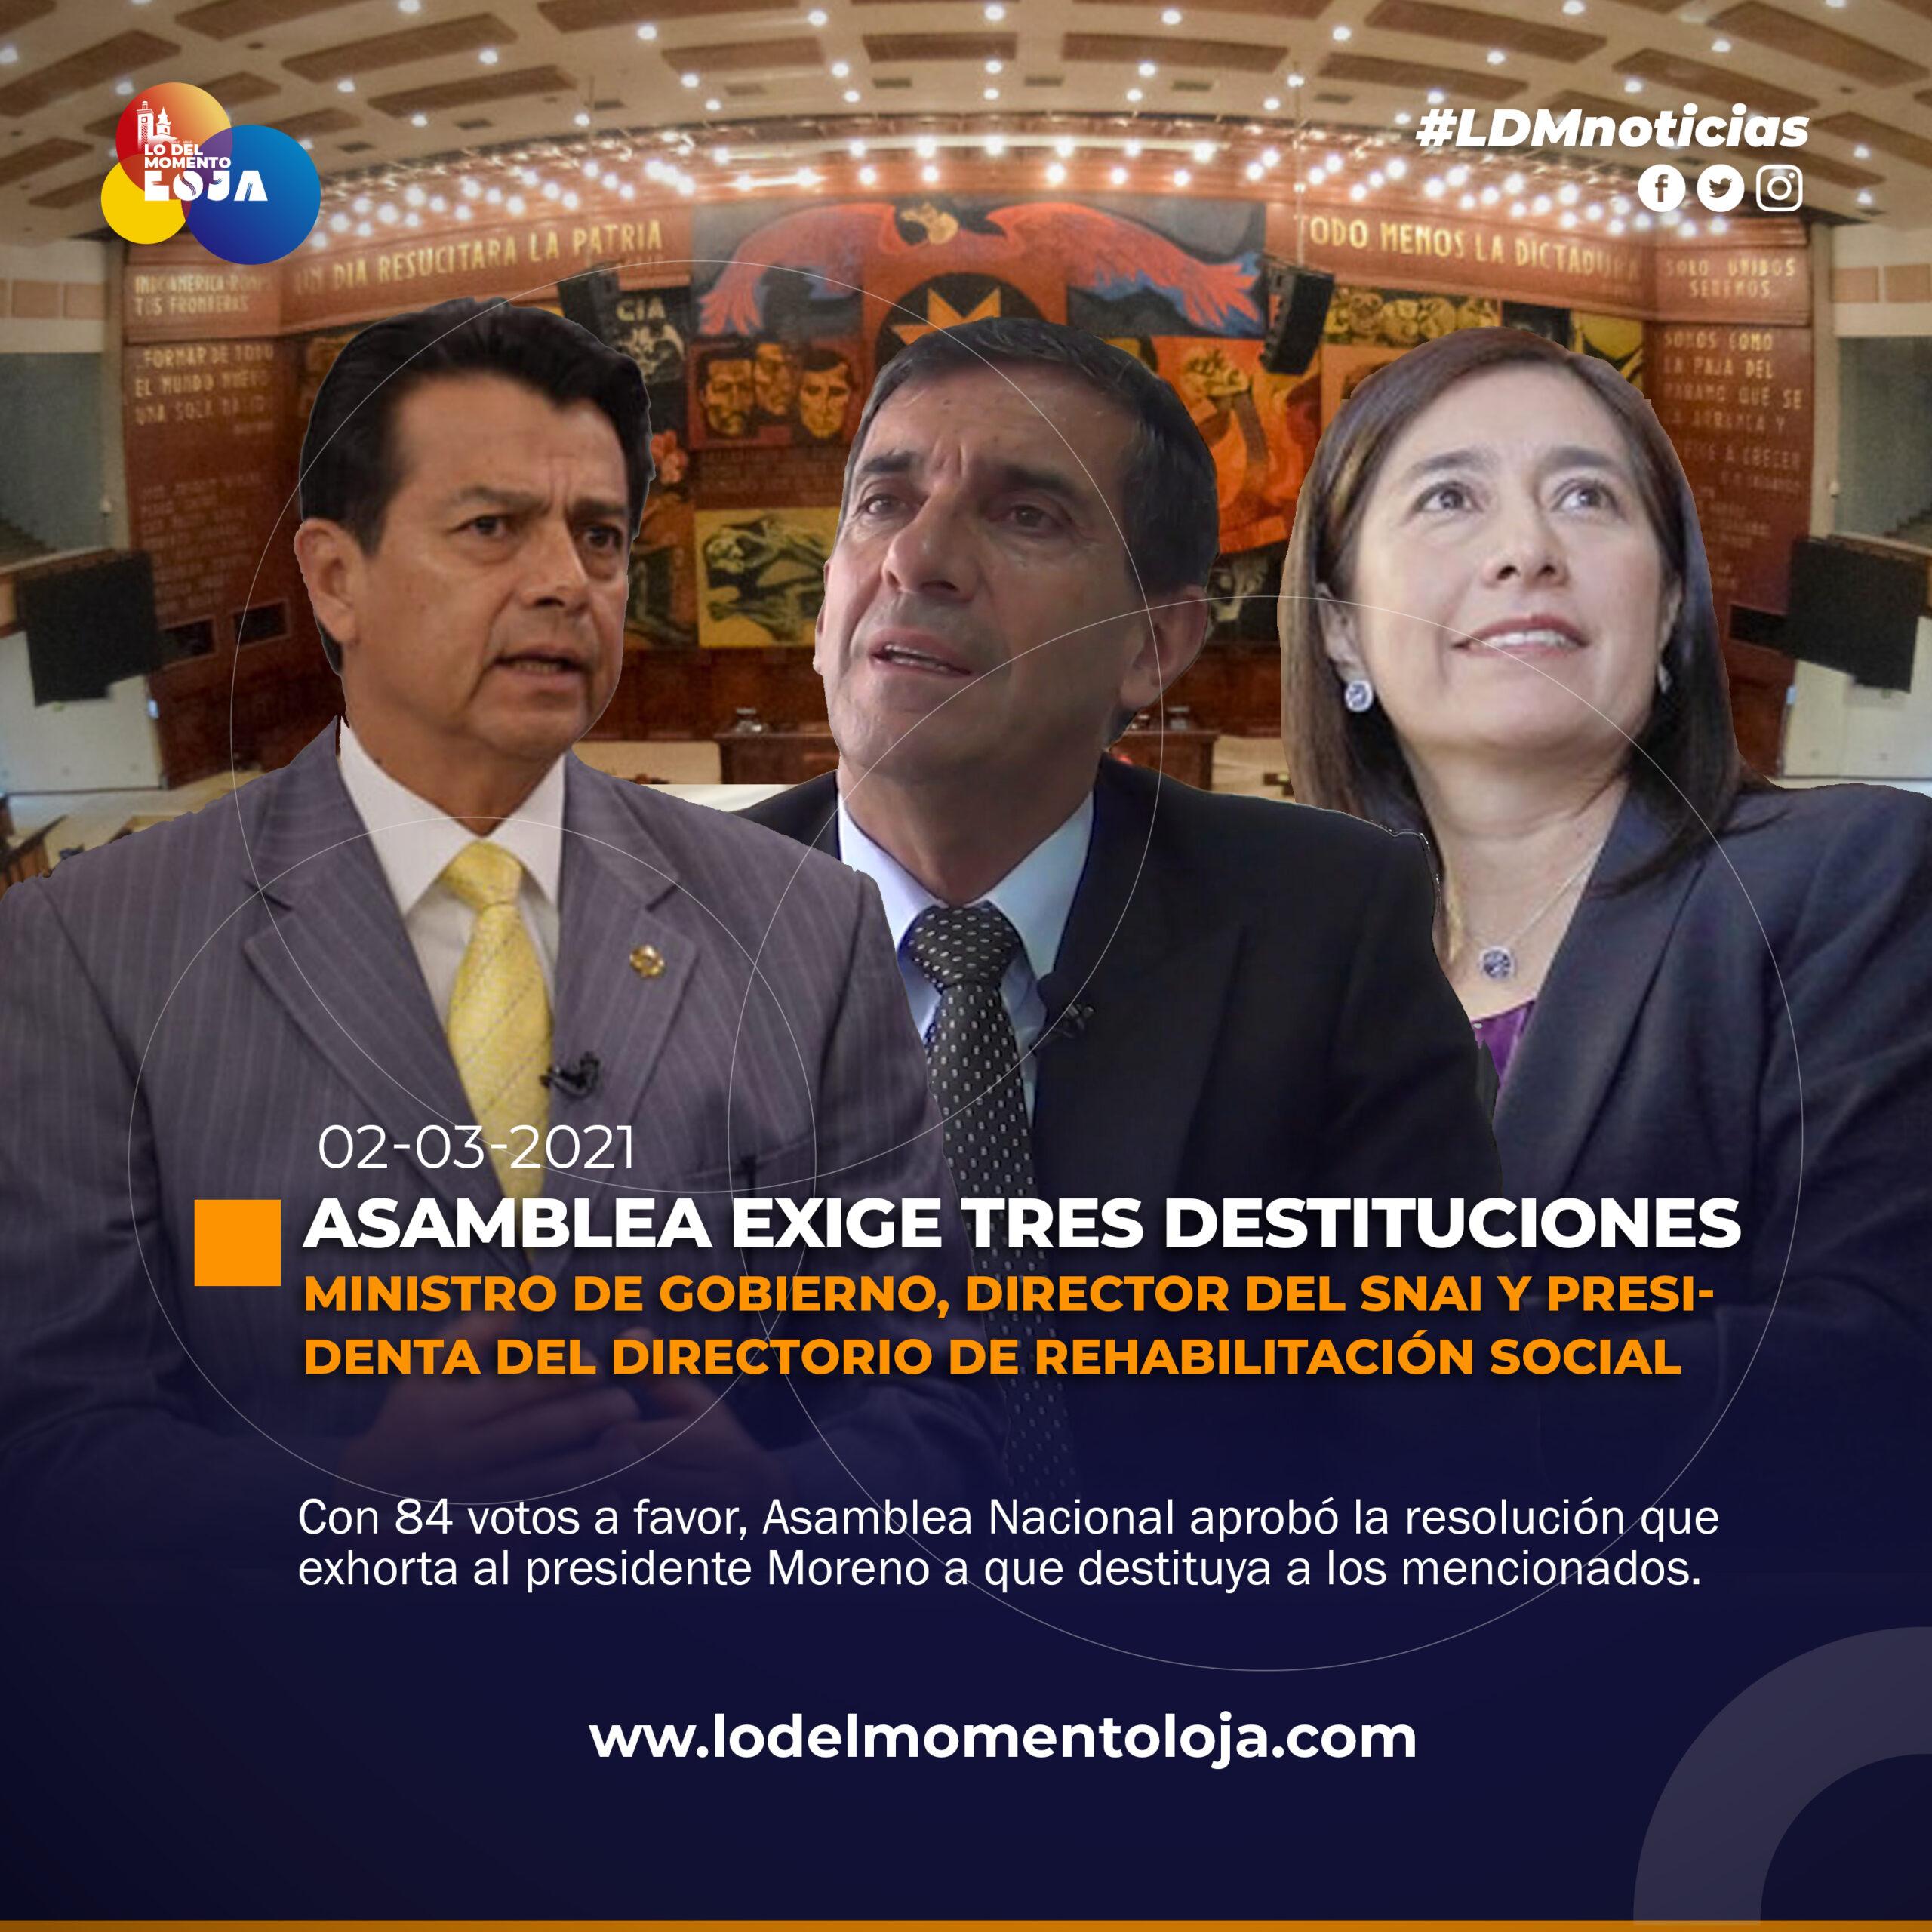 ASAMBLEA APROBÓ LA DESTITUCIÓN DE TRES AUTORIDADES DEL SISTEMA PENITENCIARIO.